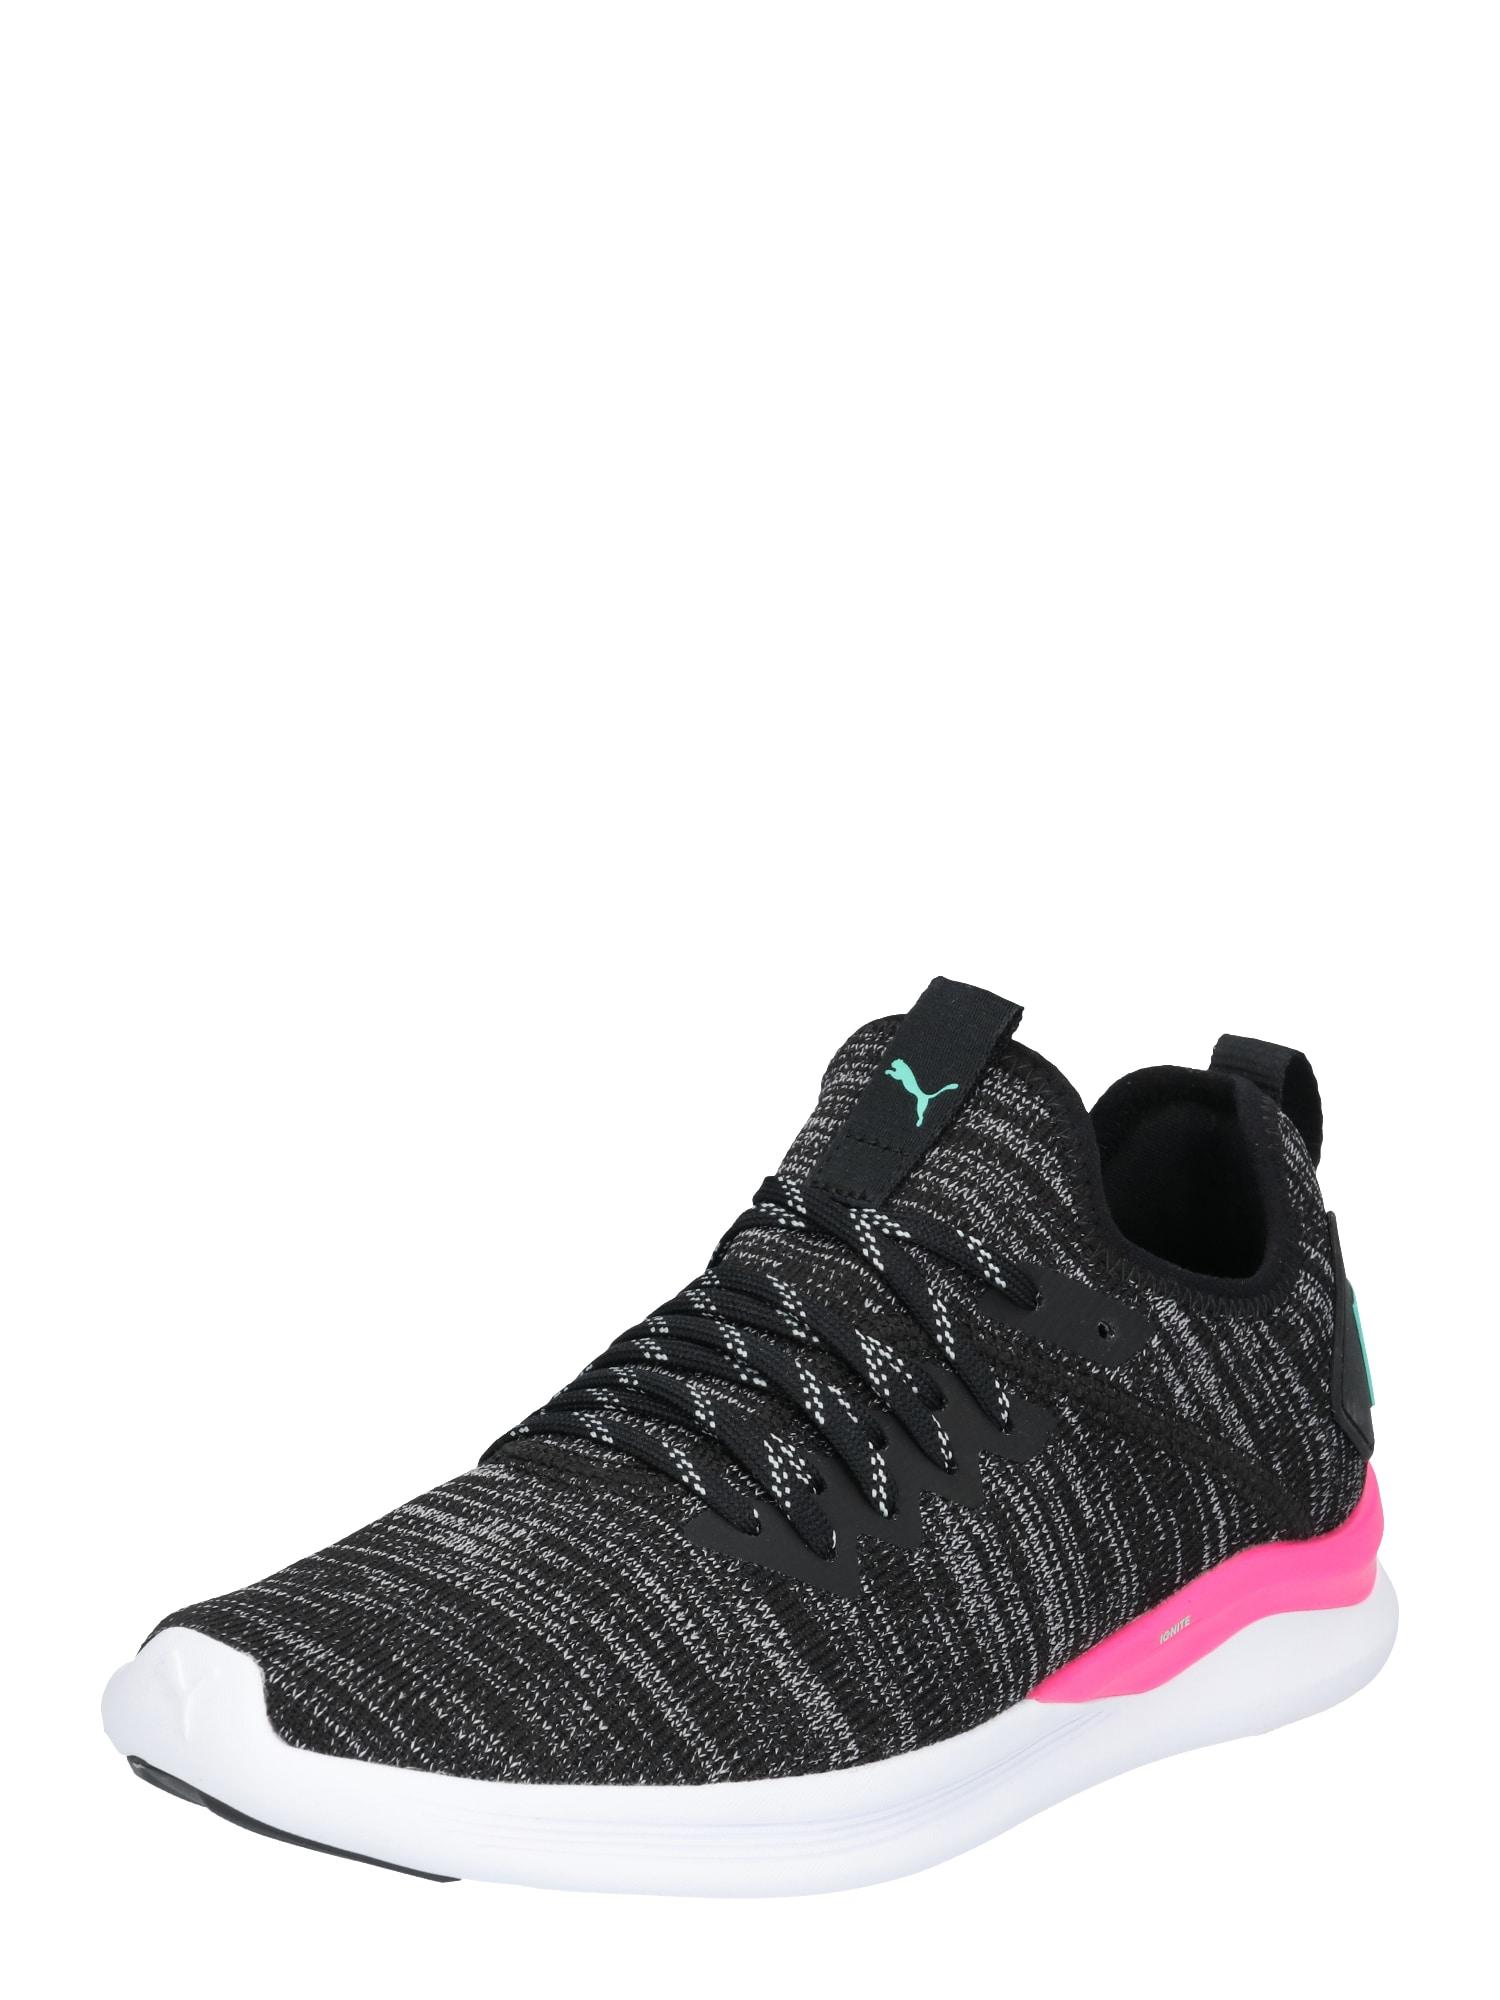 Sportovní boty pastelově zelená pink černý melír bílá PUMA